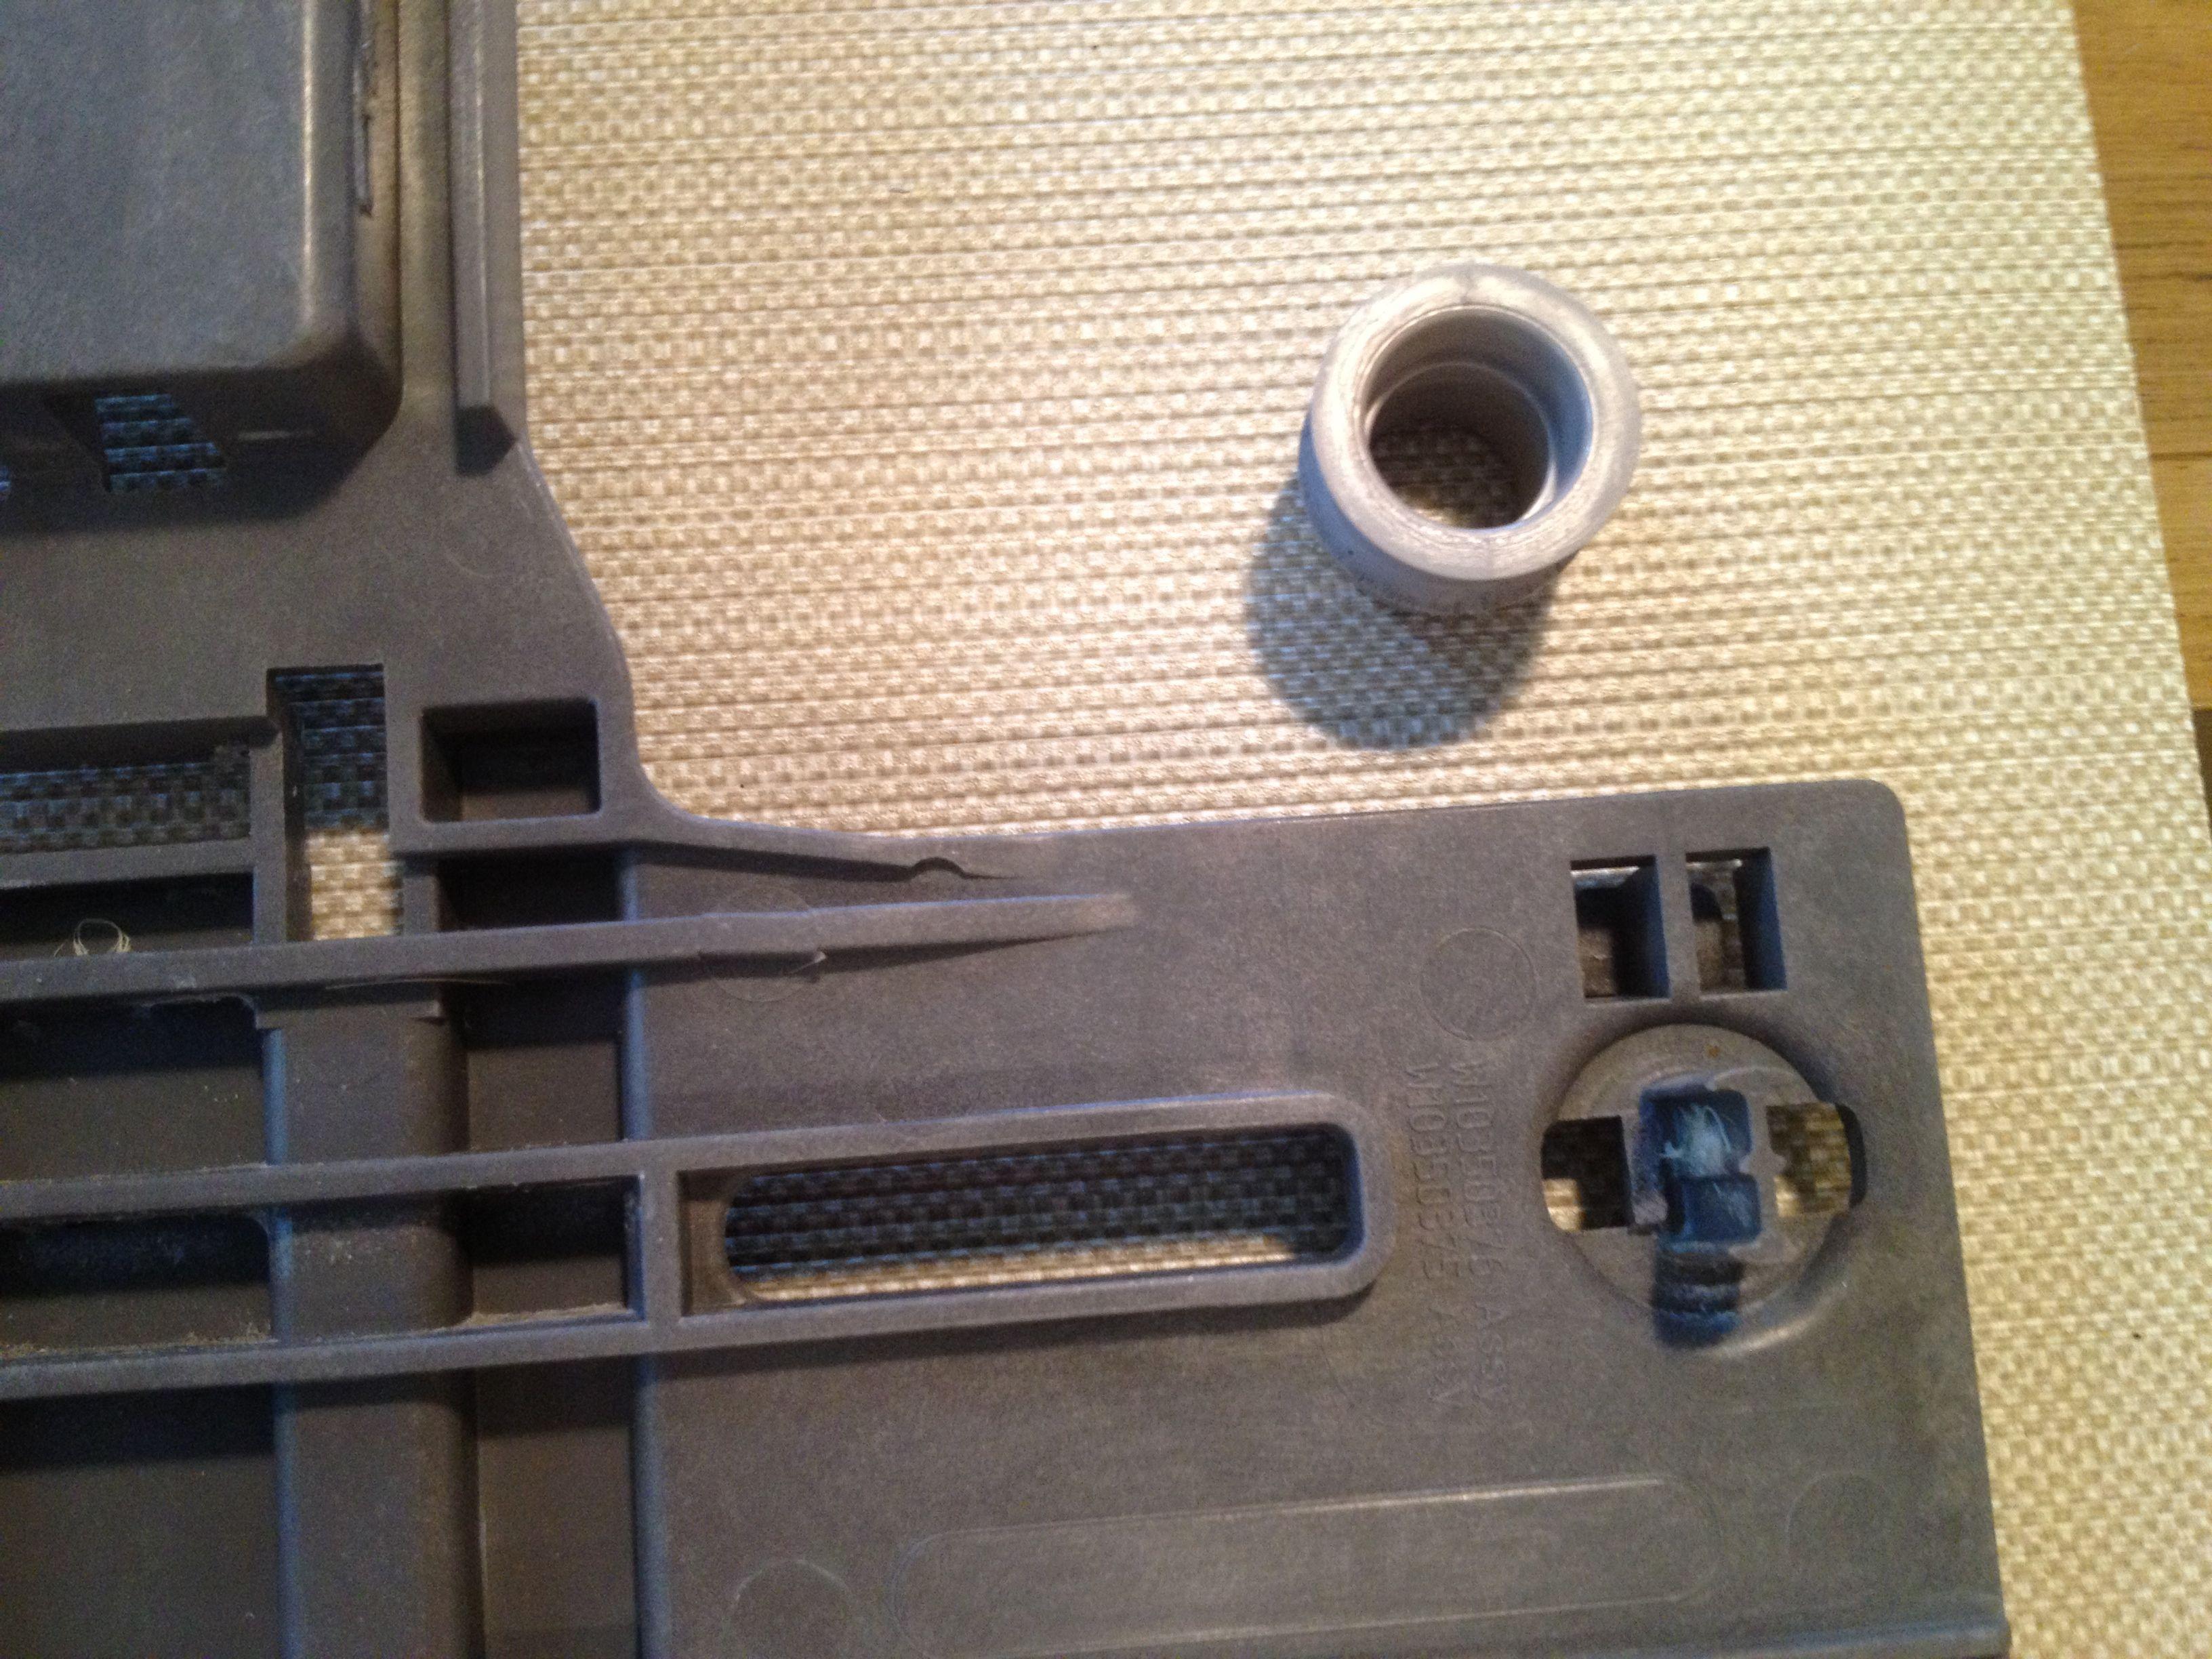 Img_0925 kitchenaid dishwasher dishwasher racks